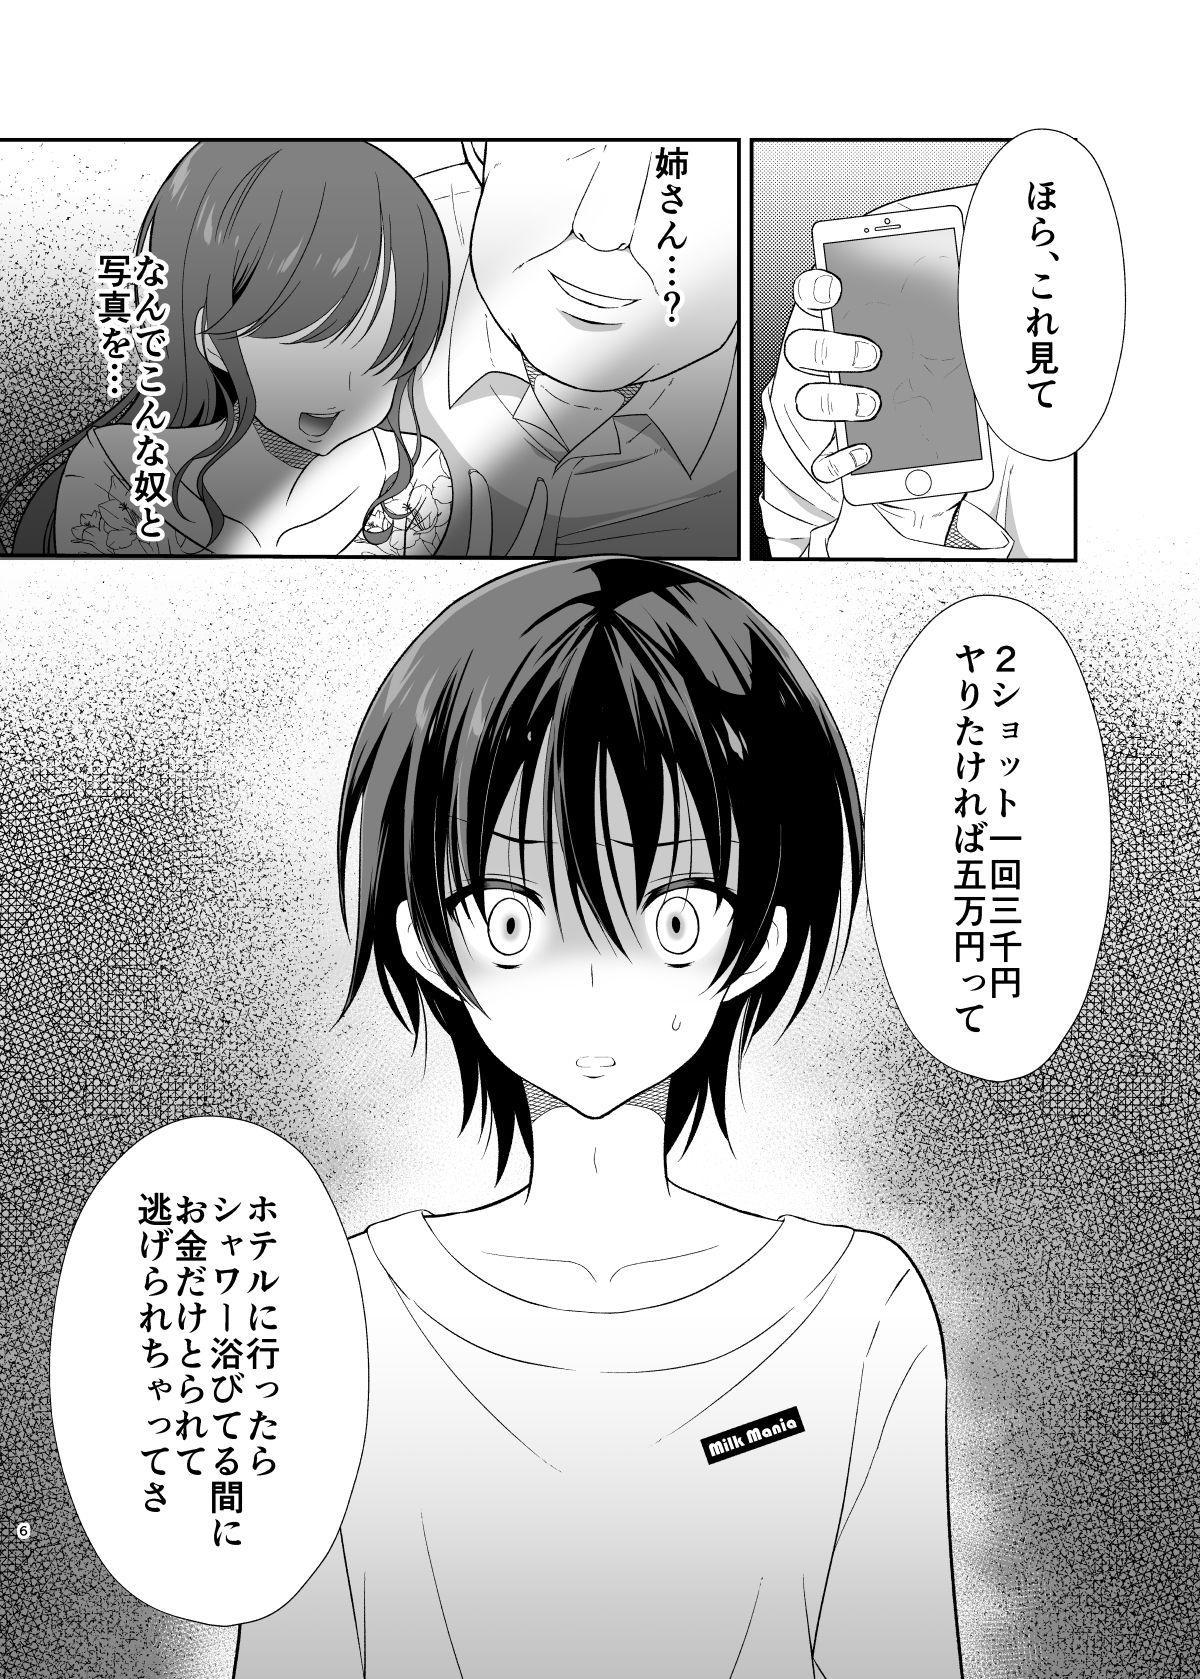 Ane no Kareshi no Furi o Shitetara Oji-san ni Otosareta Ore 4